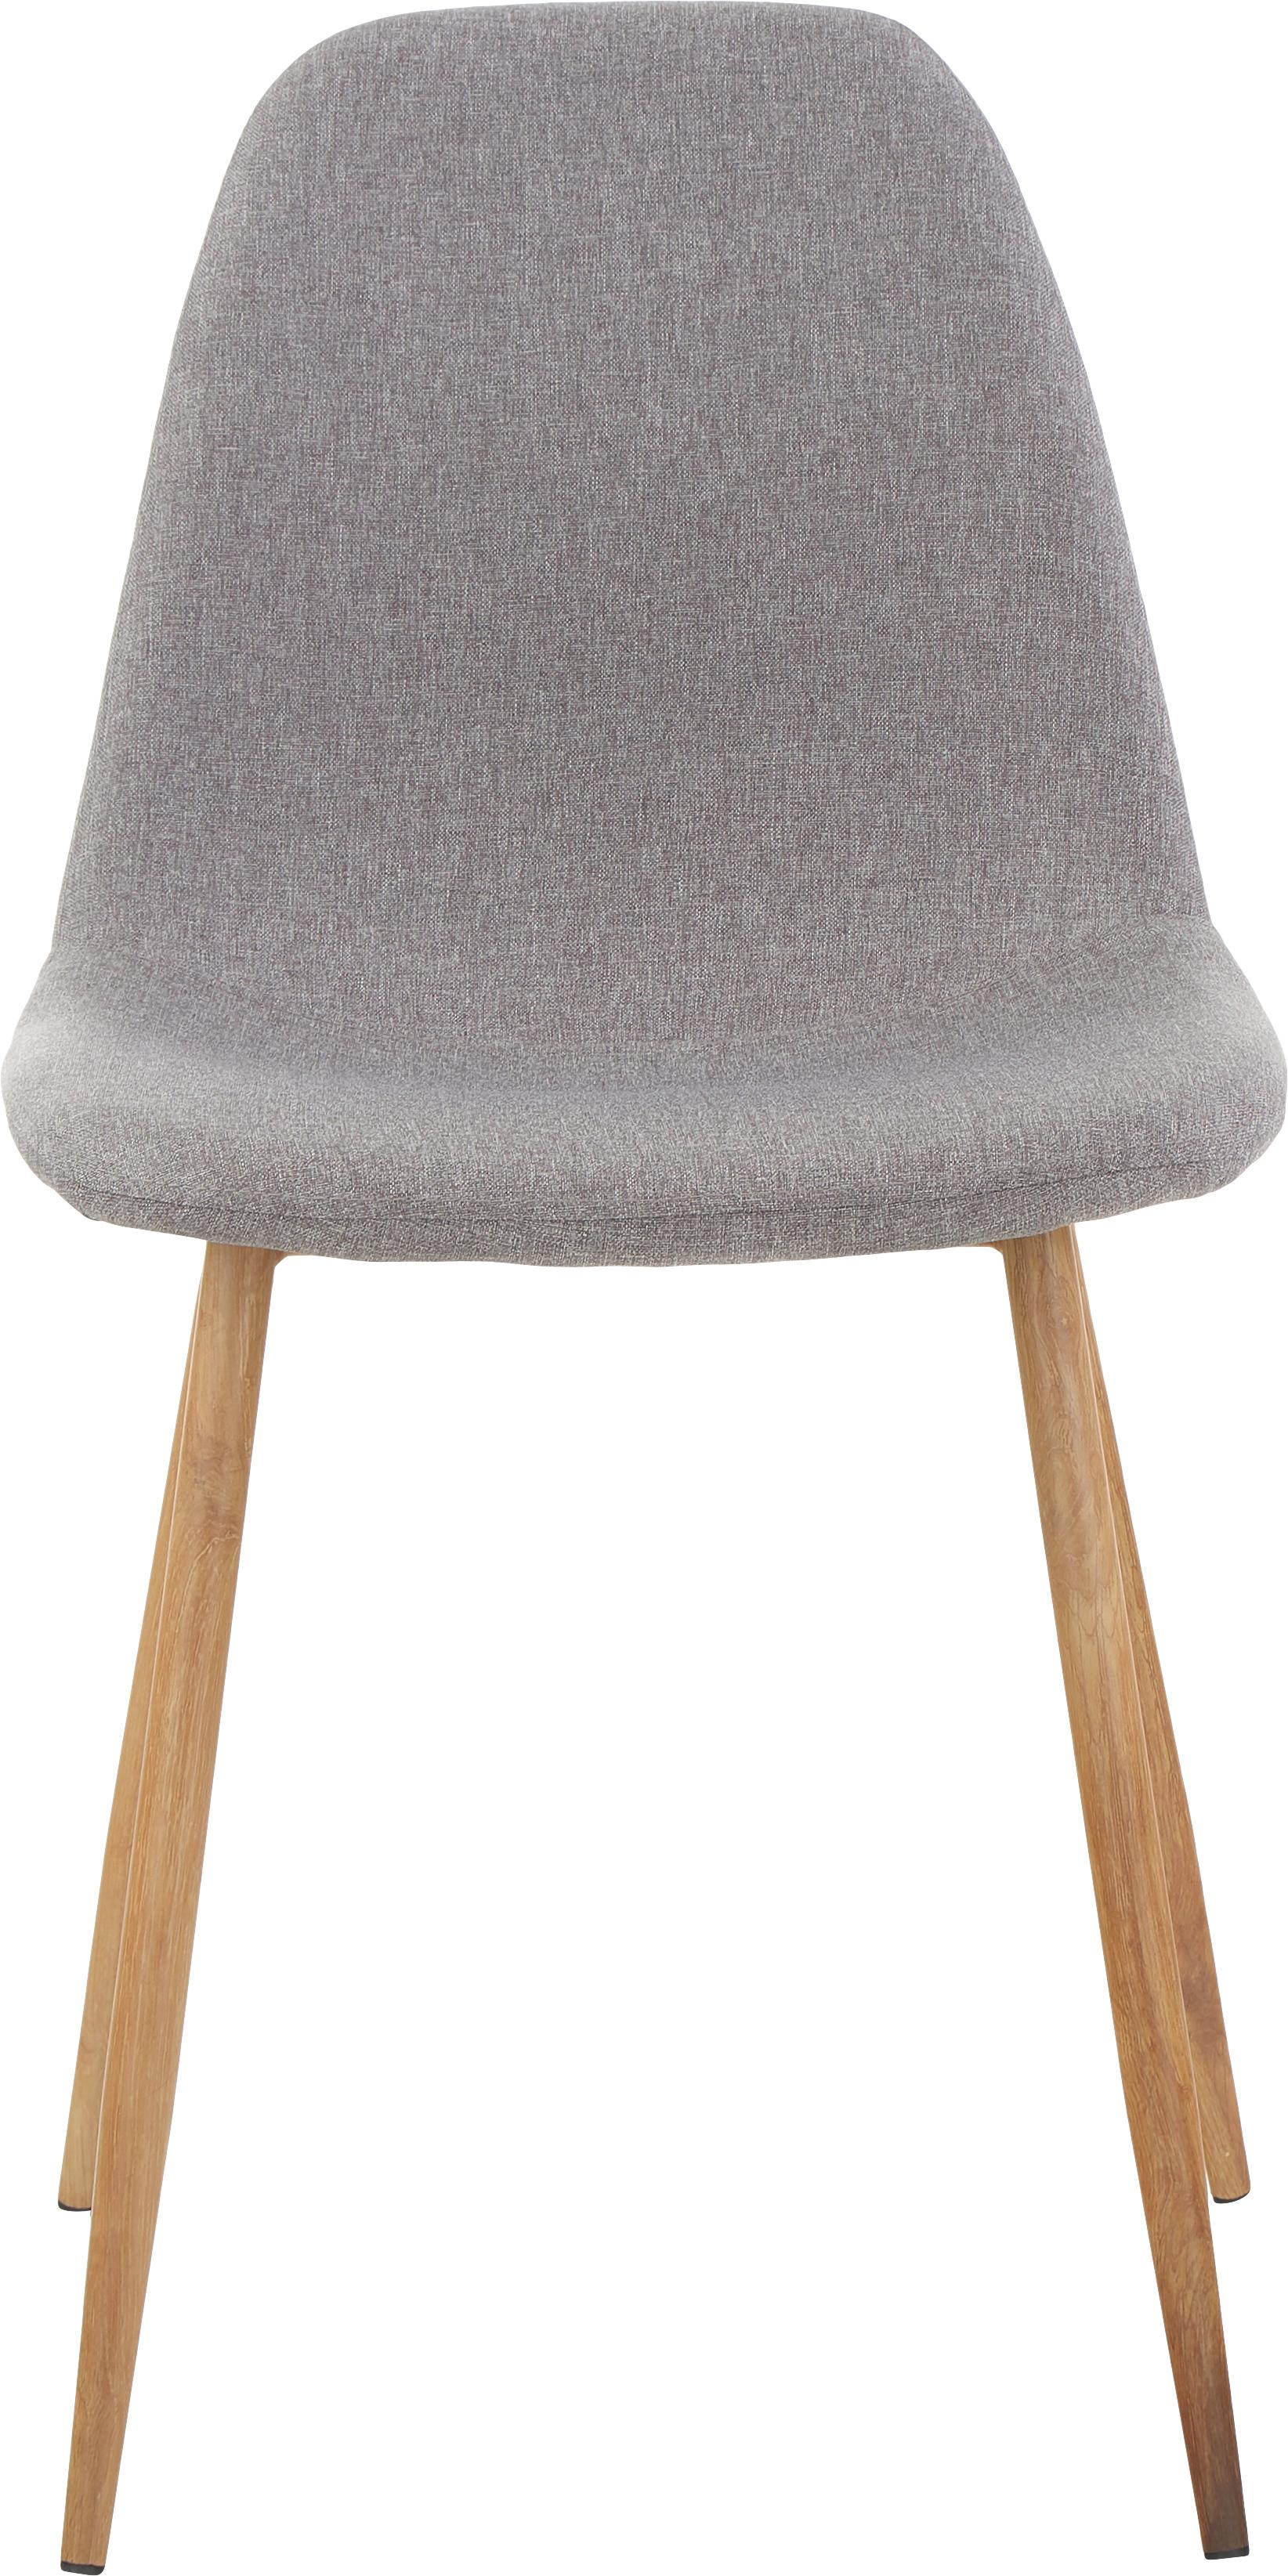 Polsterstühle Wilma, 2 Stück, Beine: Metall mit Eichedekor, Bezug: Polyester, Webstoff Hellgrau, Beine Eiche, B 45 x T 56 cm